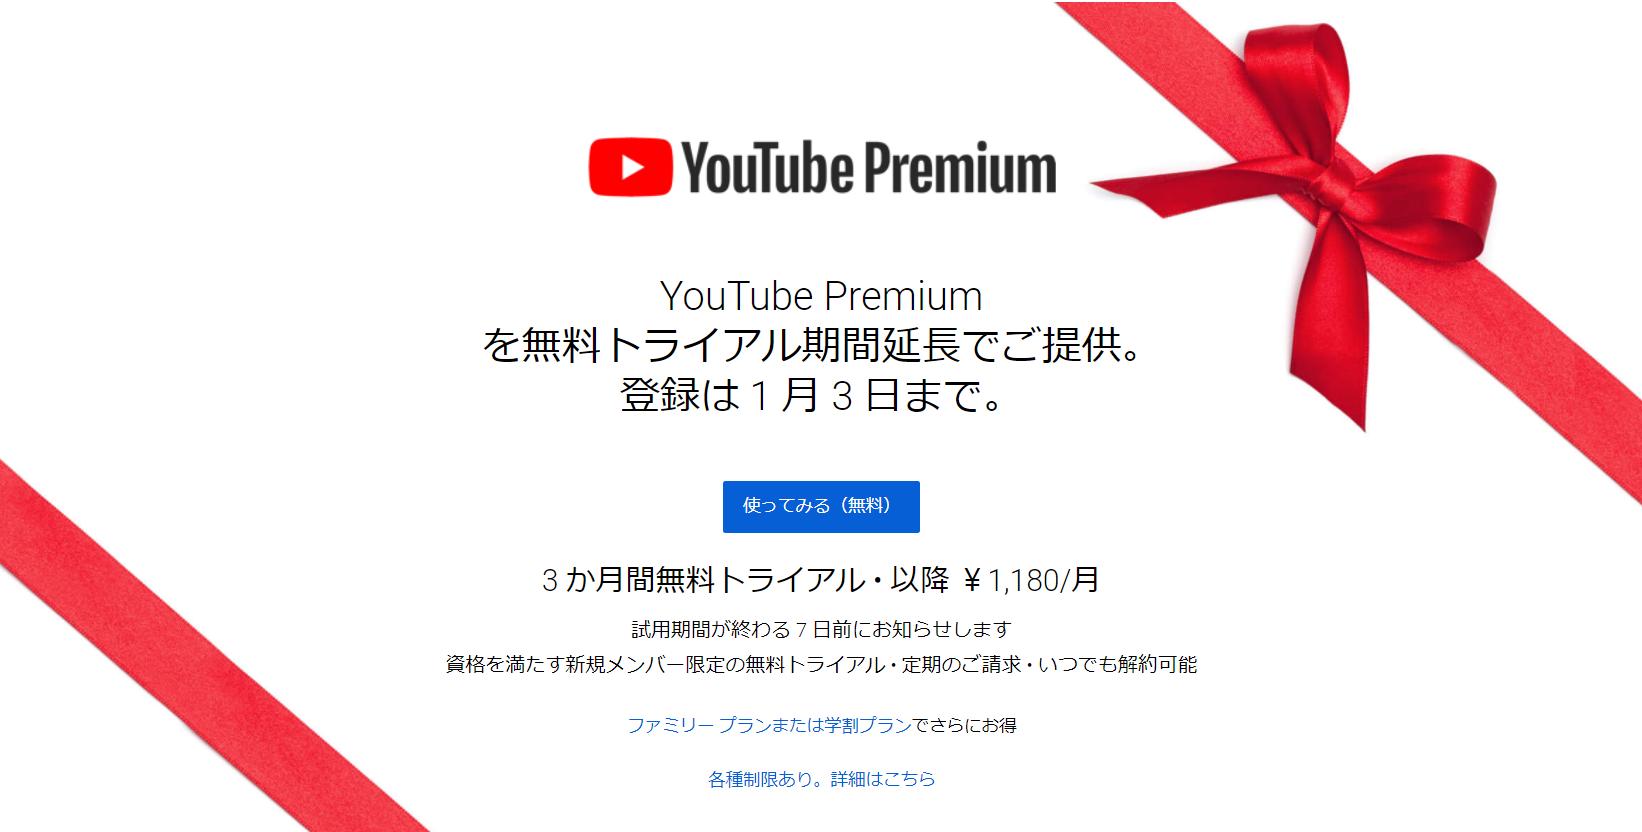 YouTube 3ヶ月無料キャンペーンの画像